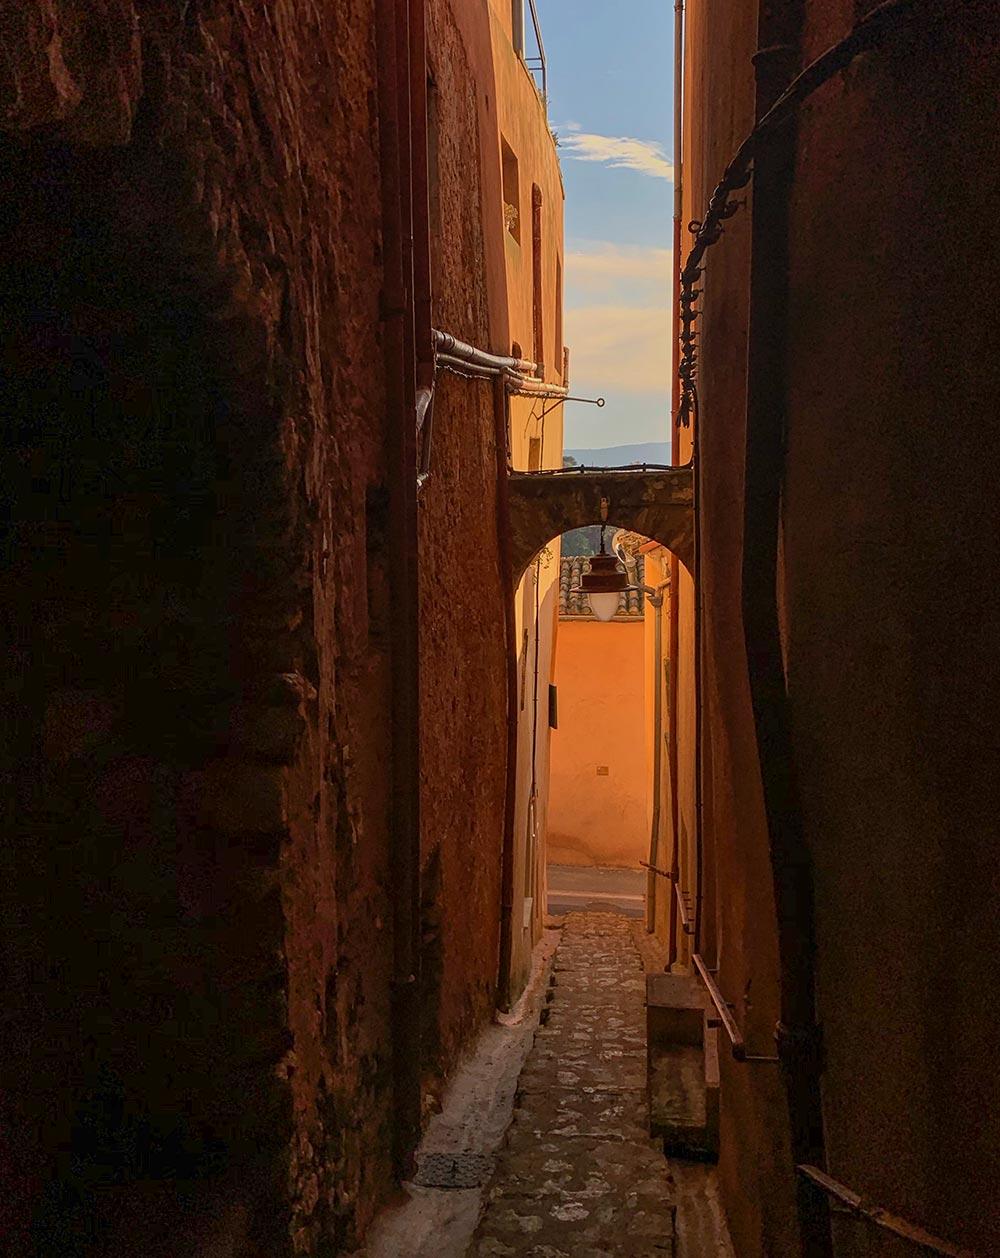 In tiefes Ockerrot getauchte schmale Gassen in Roussillon